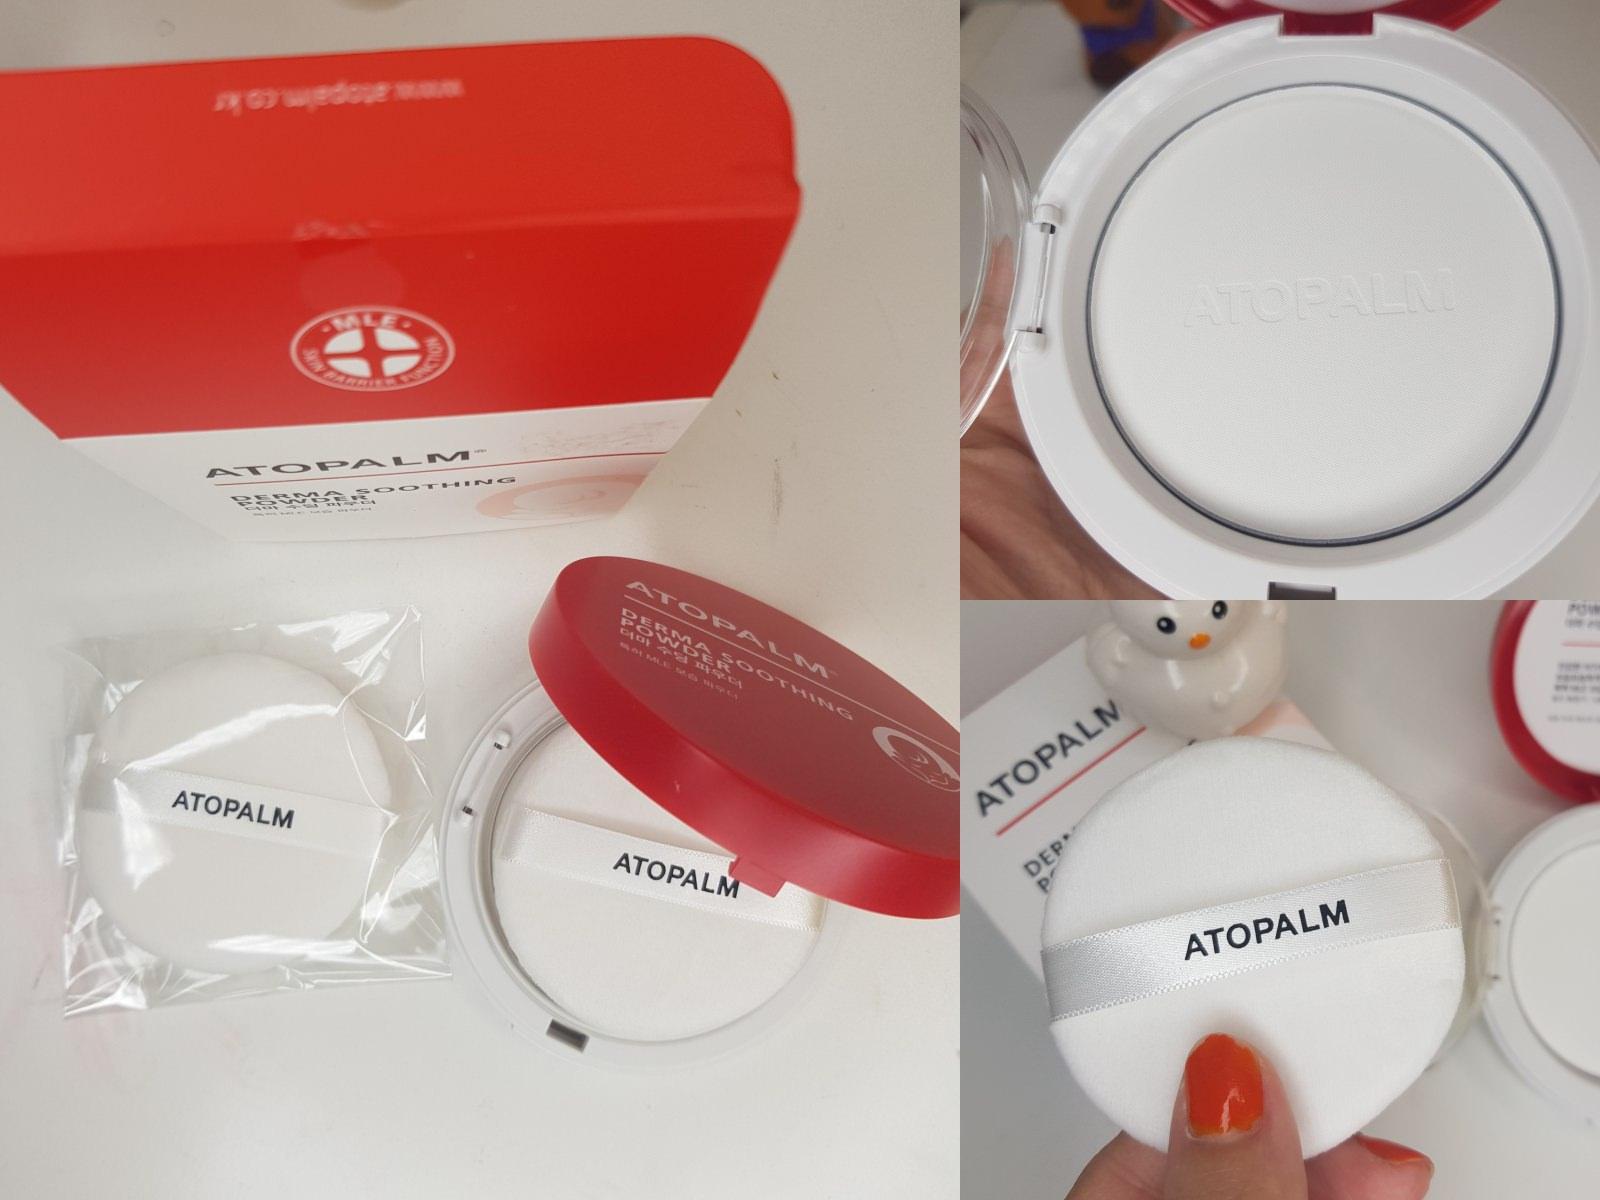 【ATOPALM愛多康】屁屁霜乳液使用心得,推薦韓國第一寶寶舒敏保養品牌